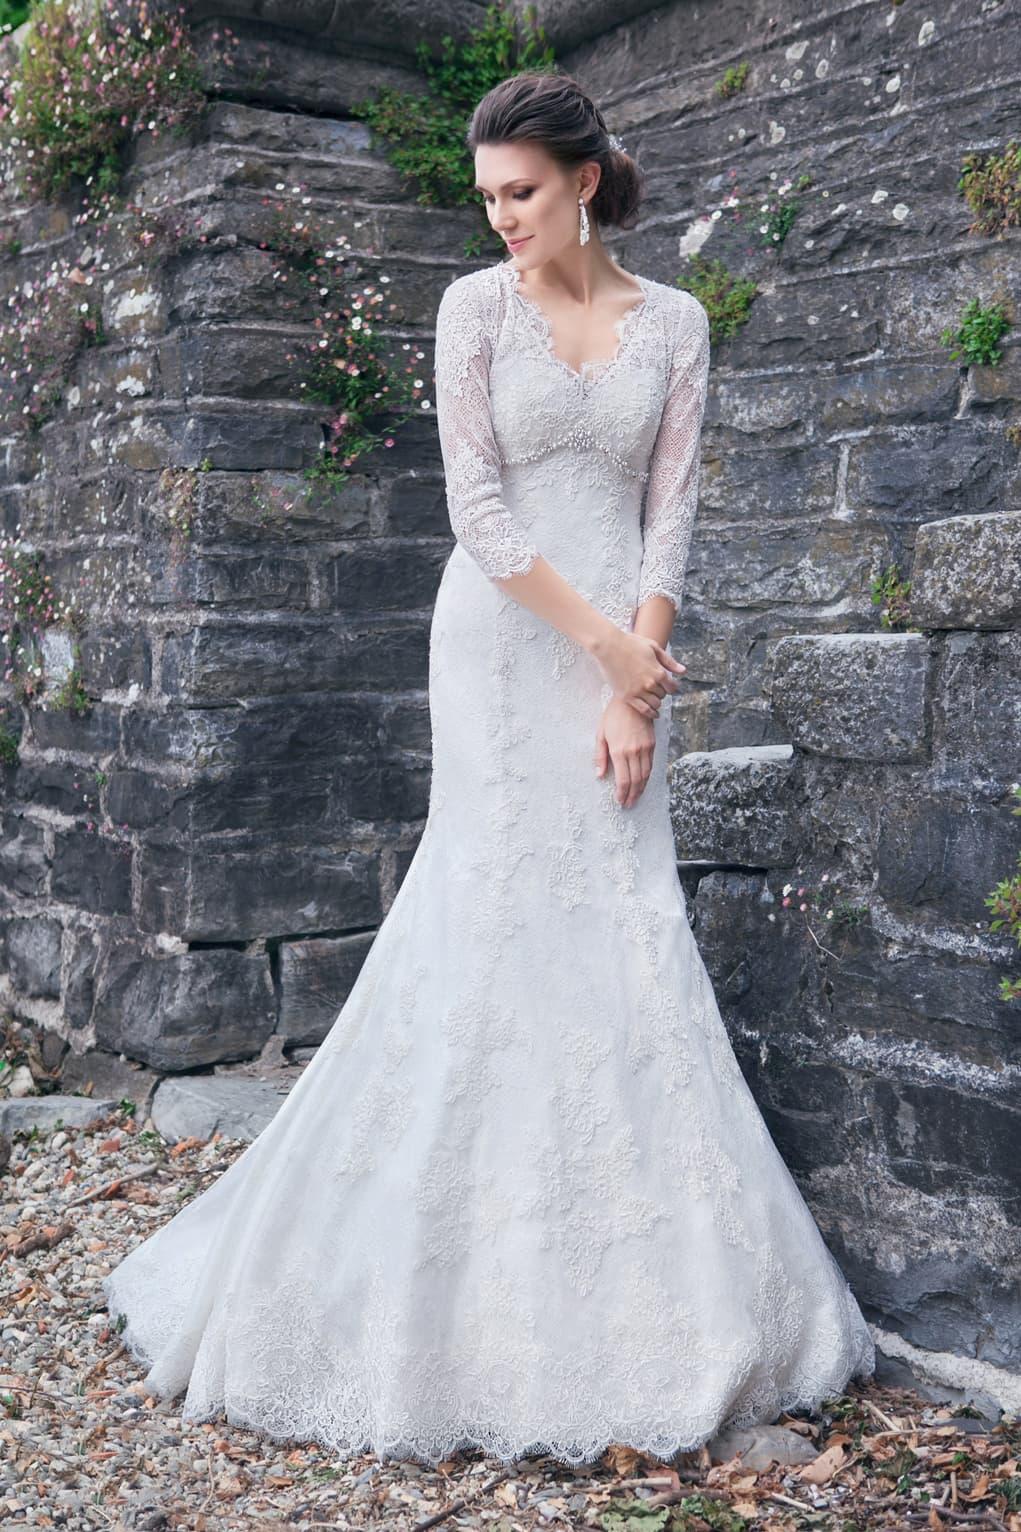 bdd1ab94f2dd53e Свадебное платье с силуэтом «рыбка», V-образным вырезом и кружевными  рукавами.